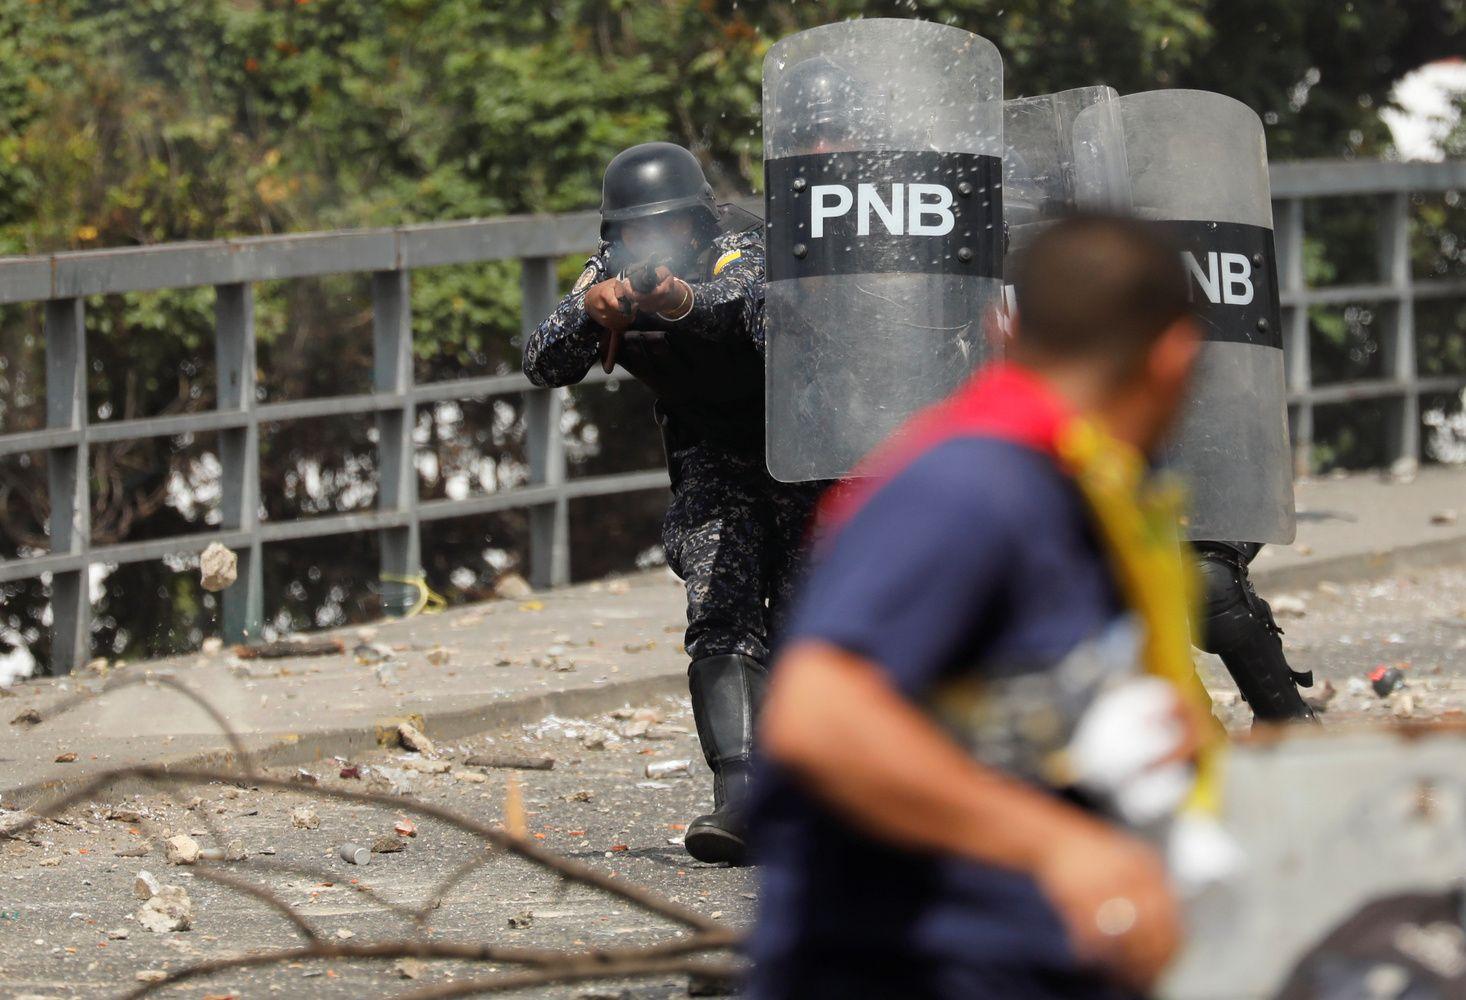 Venesueloje gilėja politinė krizė, nutraukti diplomatiniai ryšiai su JAV